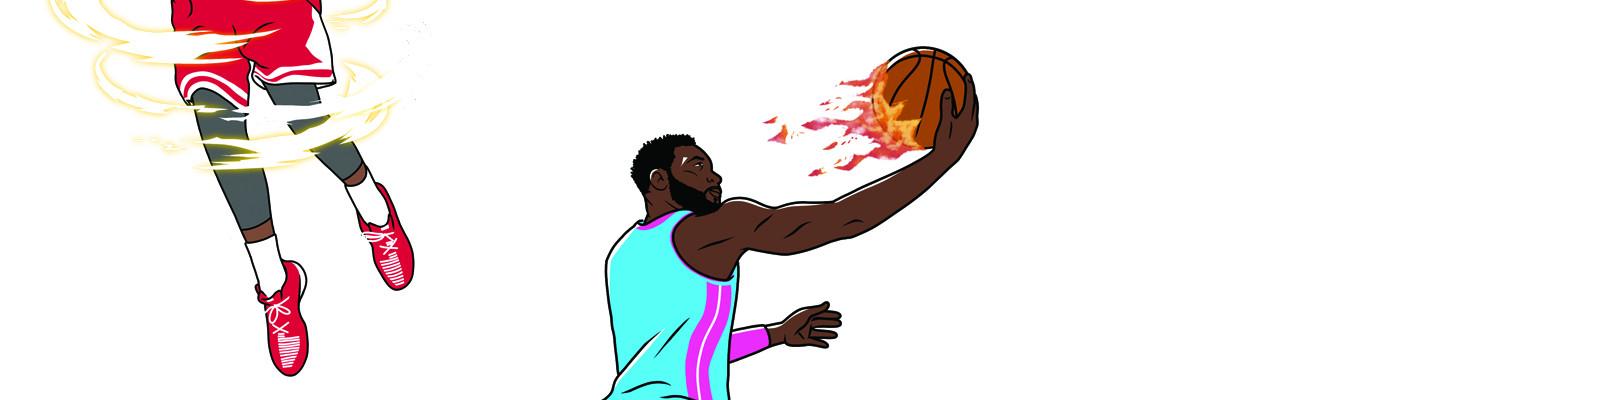 Amandine B. photographie et Adrien Pom. illustre: à deux, ils créé une série de visuels qui rend hommage au stars du basket US et aux terrains de jeu de leurs villes d'accueil. Disponibles en affiches et t-shirts.